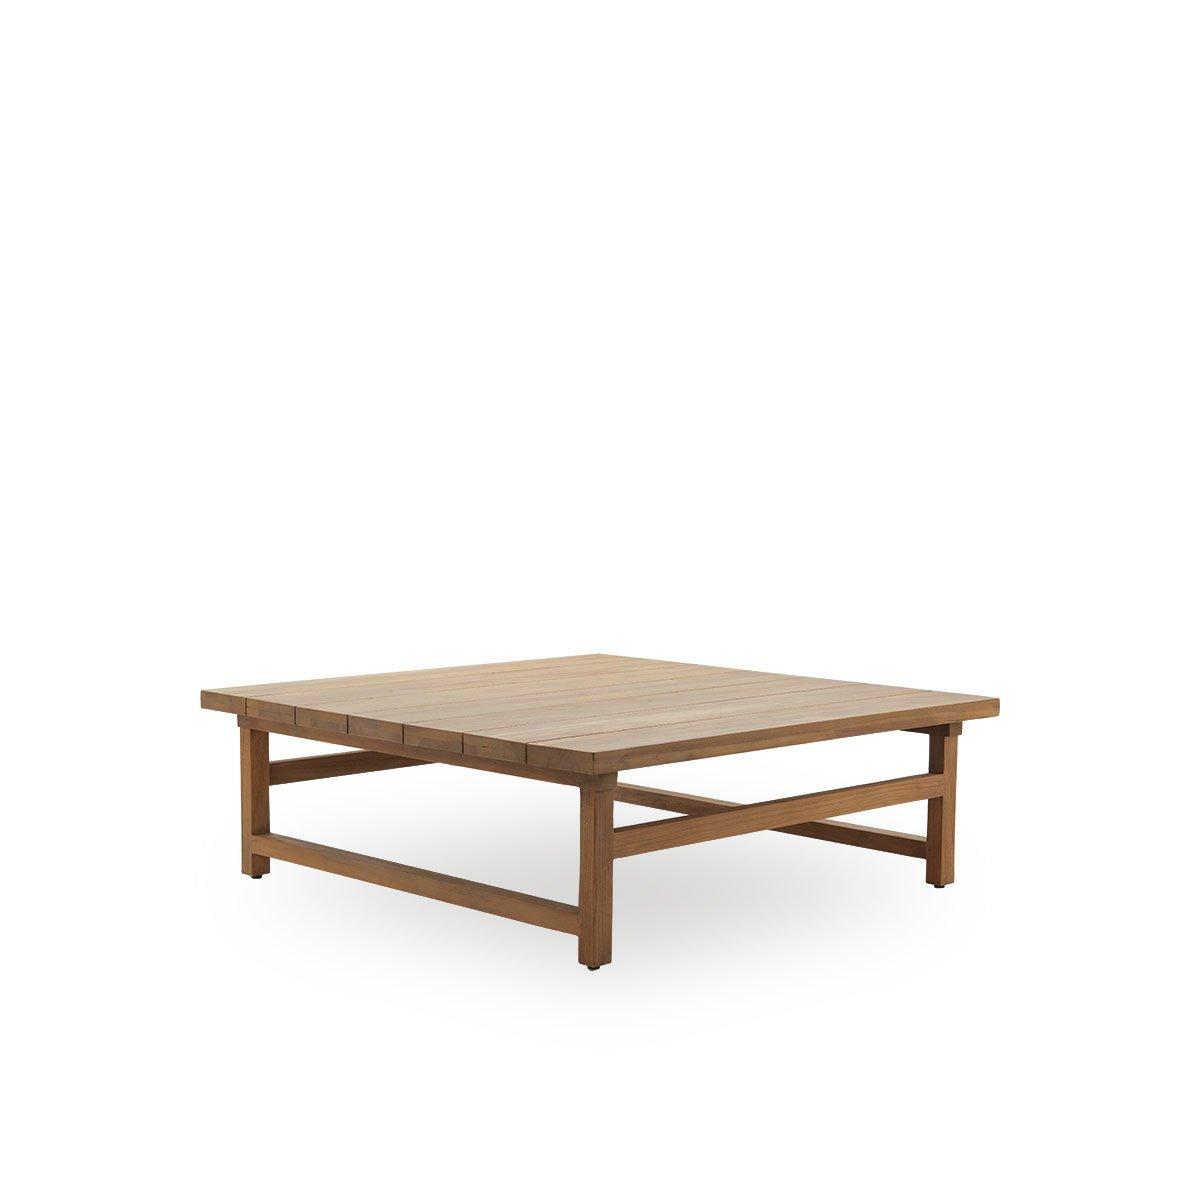 Sika Design Garten-Beistelltisch Julian 120x120 cm Teak